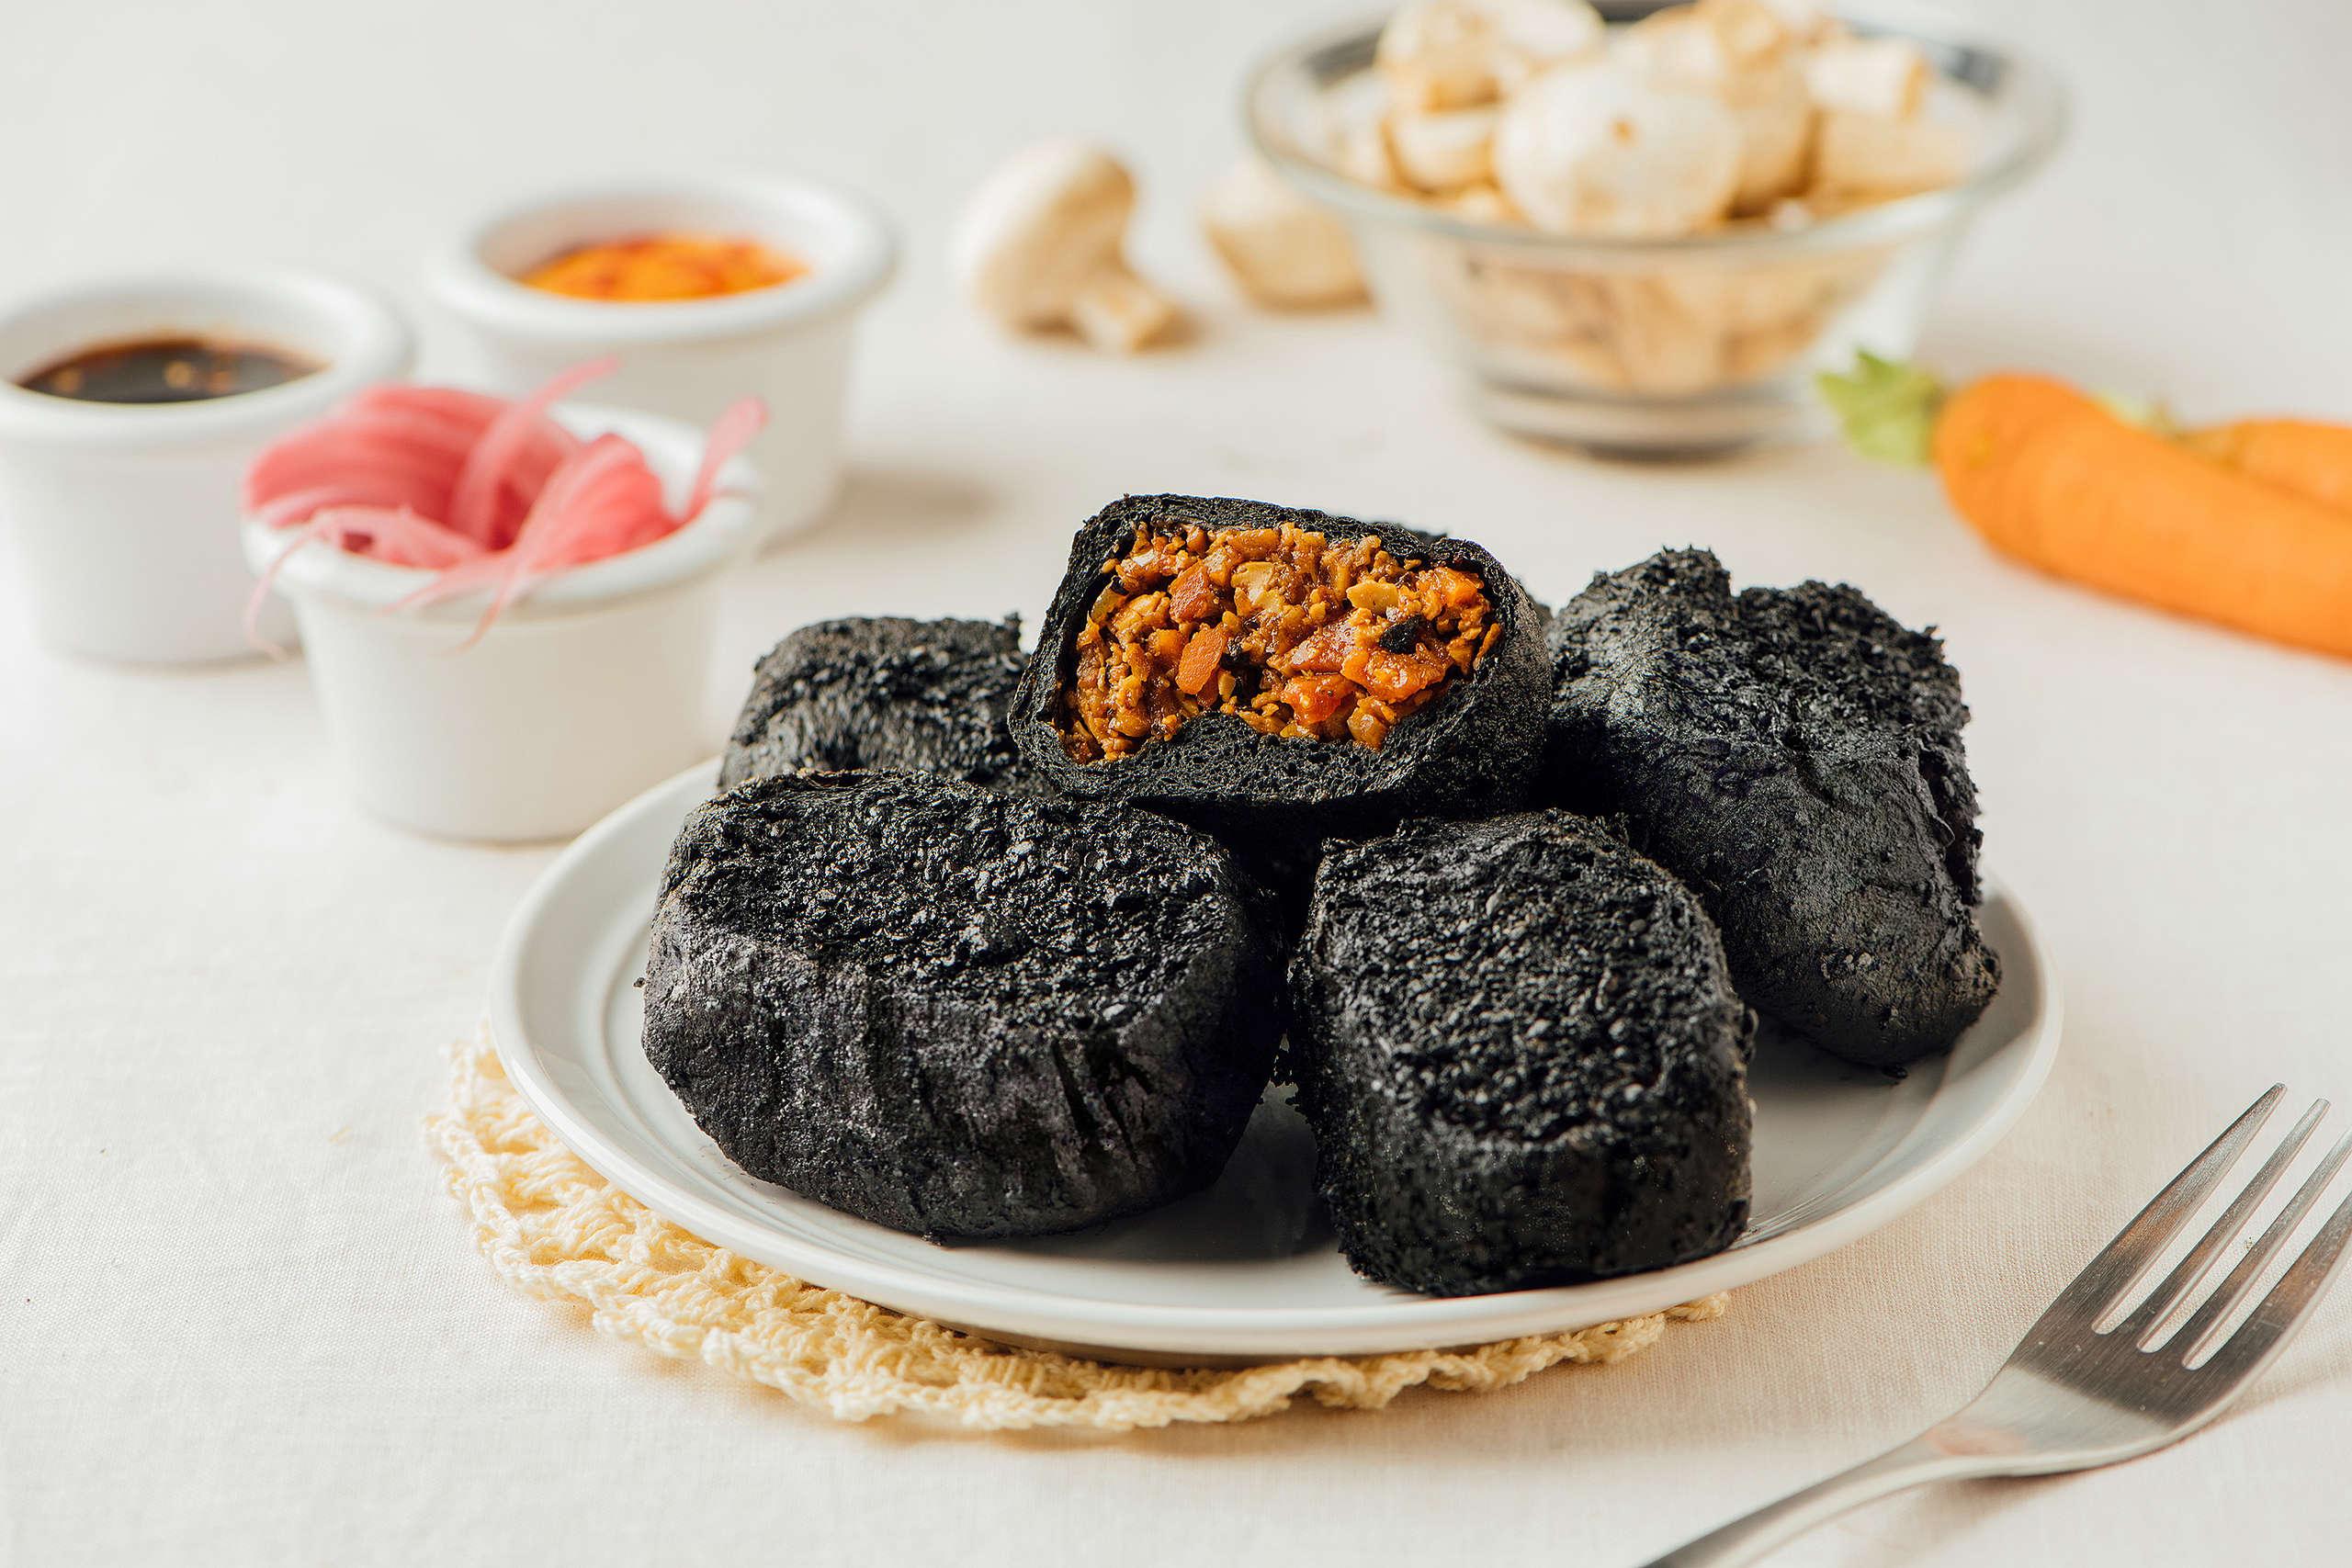 「碳式脆皮辛叉燒」以多種新鮮食材製成內餡,搭配手作全植醬料,口味鹹香微辣,適合重口味的朋友。© Greenpeace